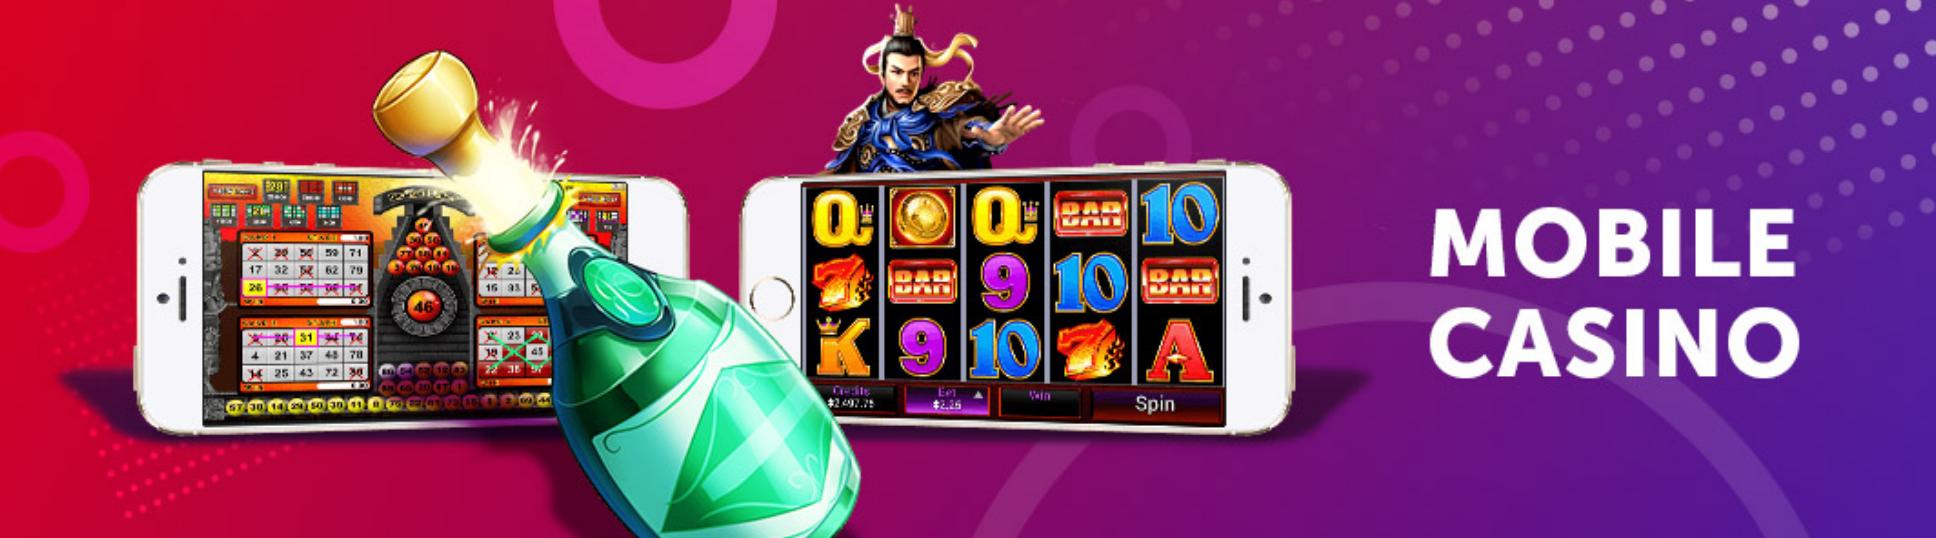 test casino mobile